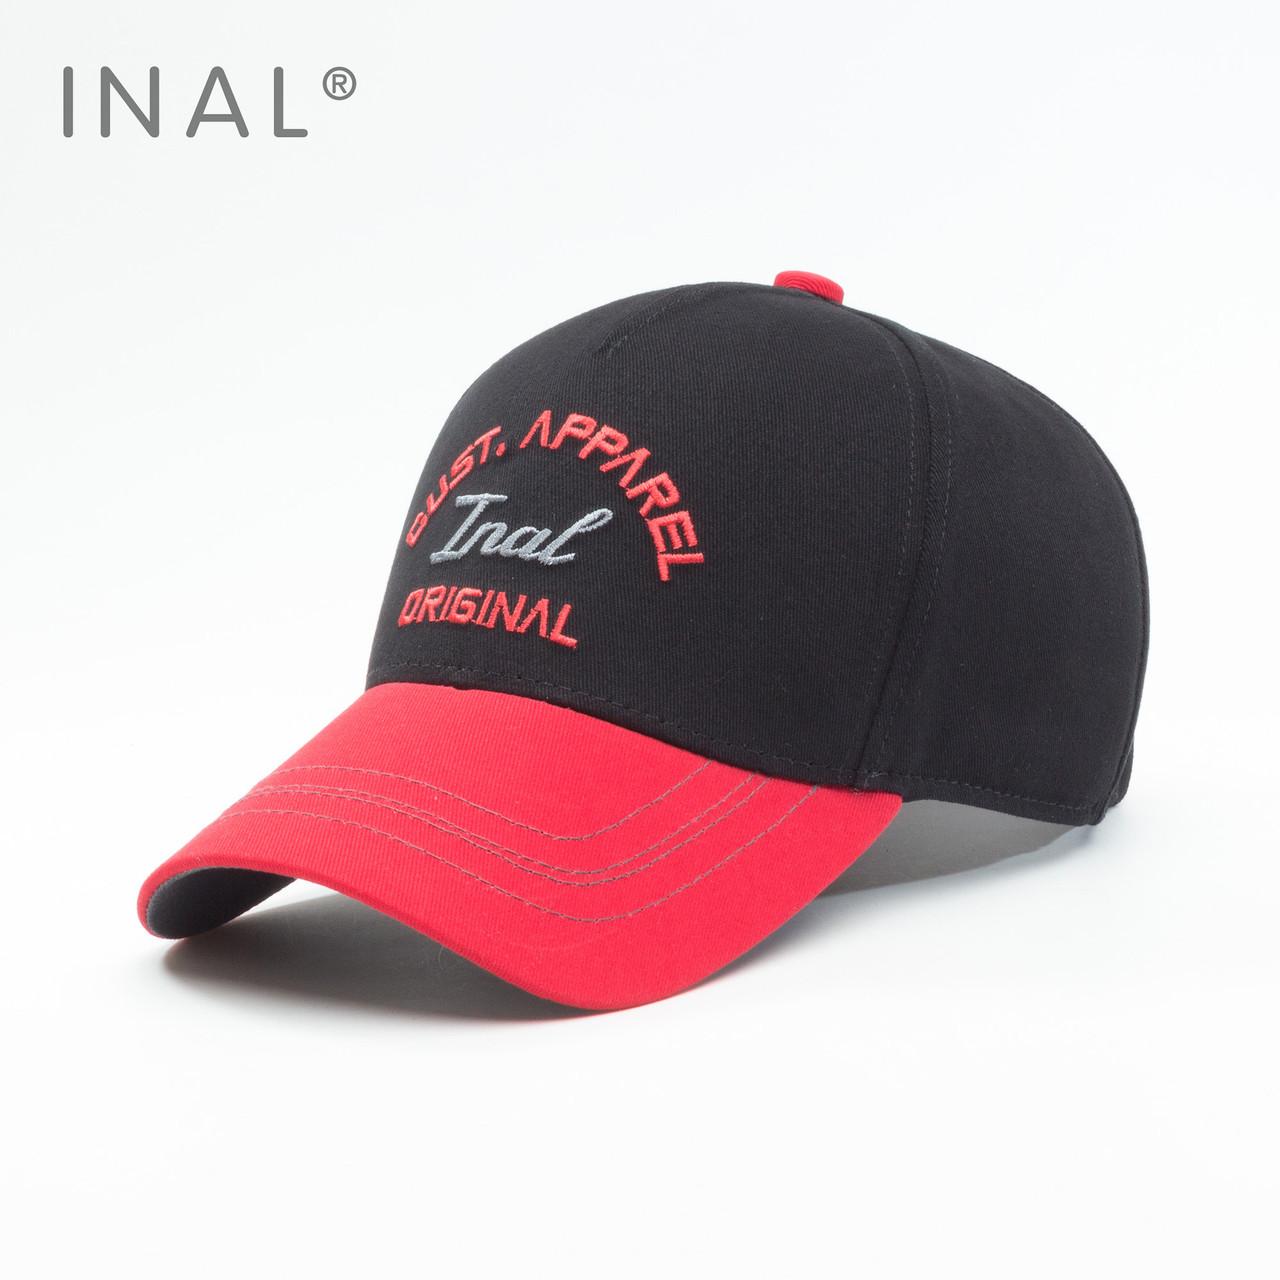 Кепка бейсболка INAL Original L / 57-58 RU Черный 150057